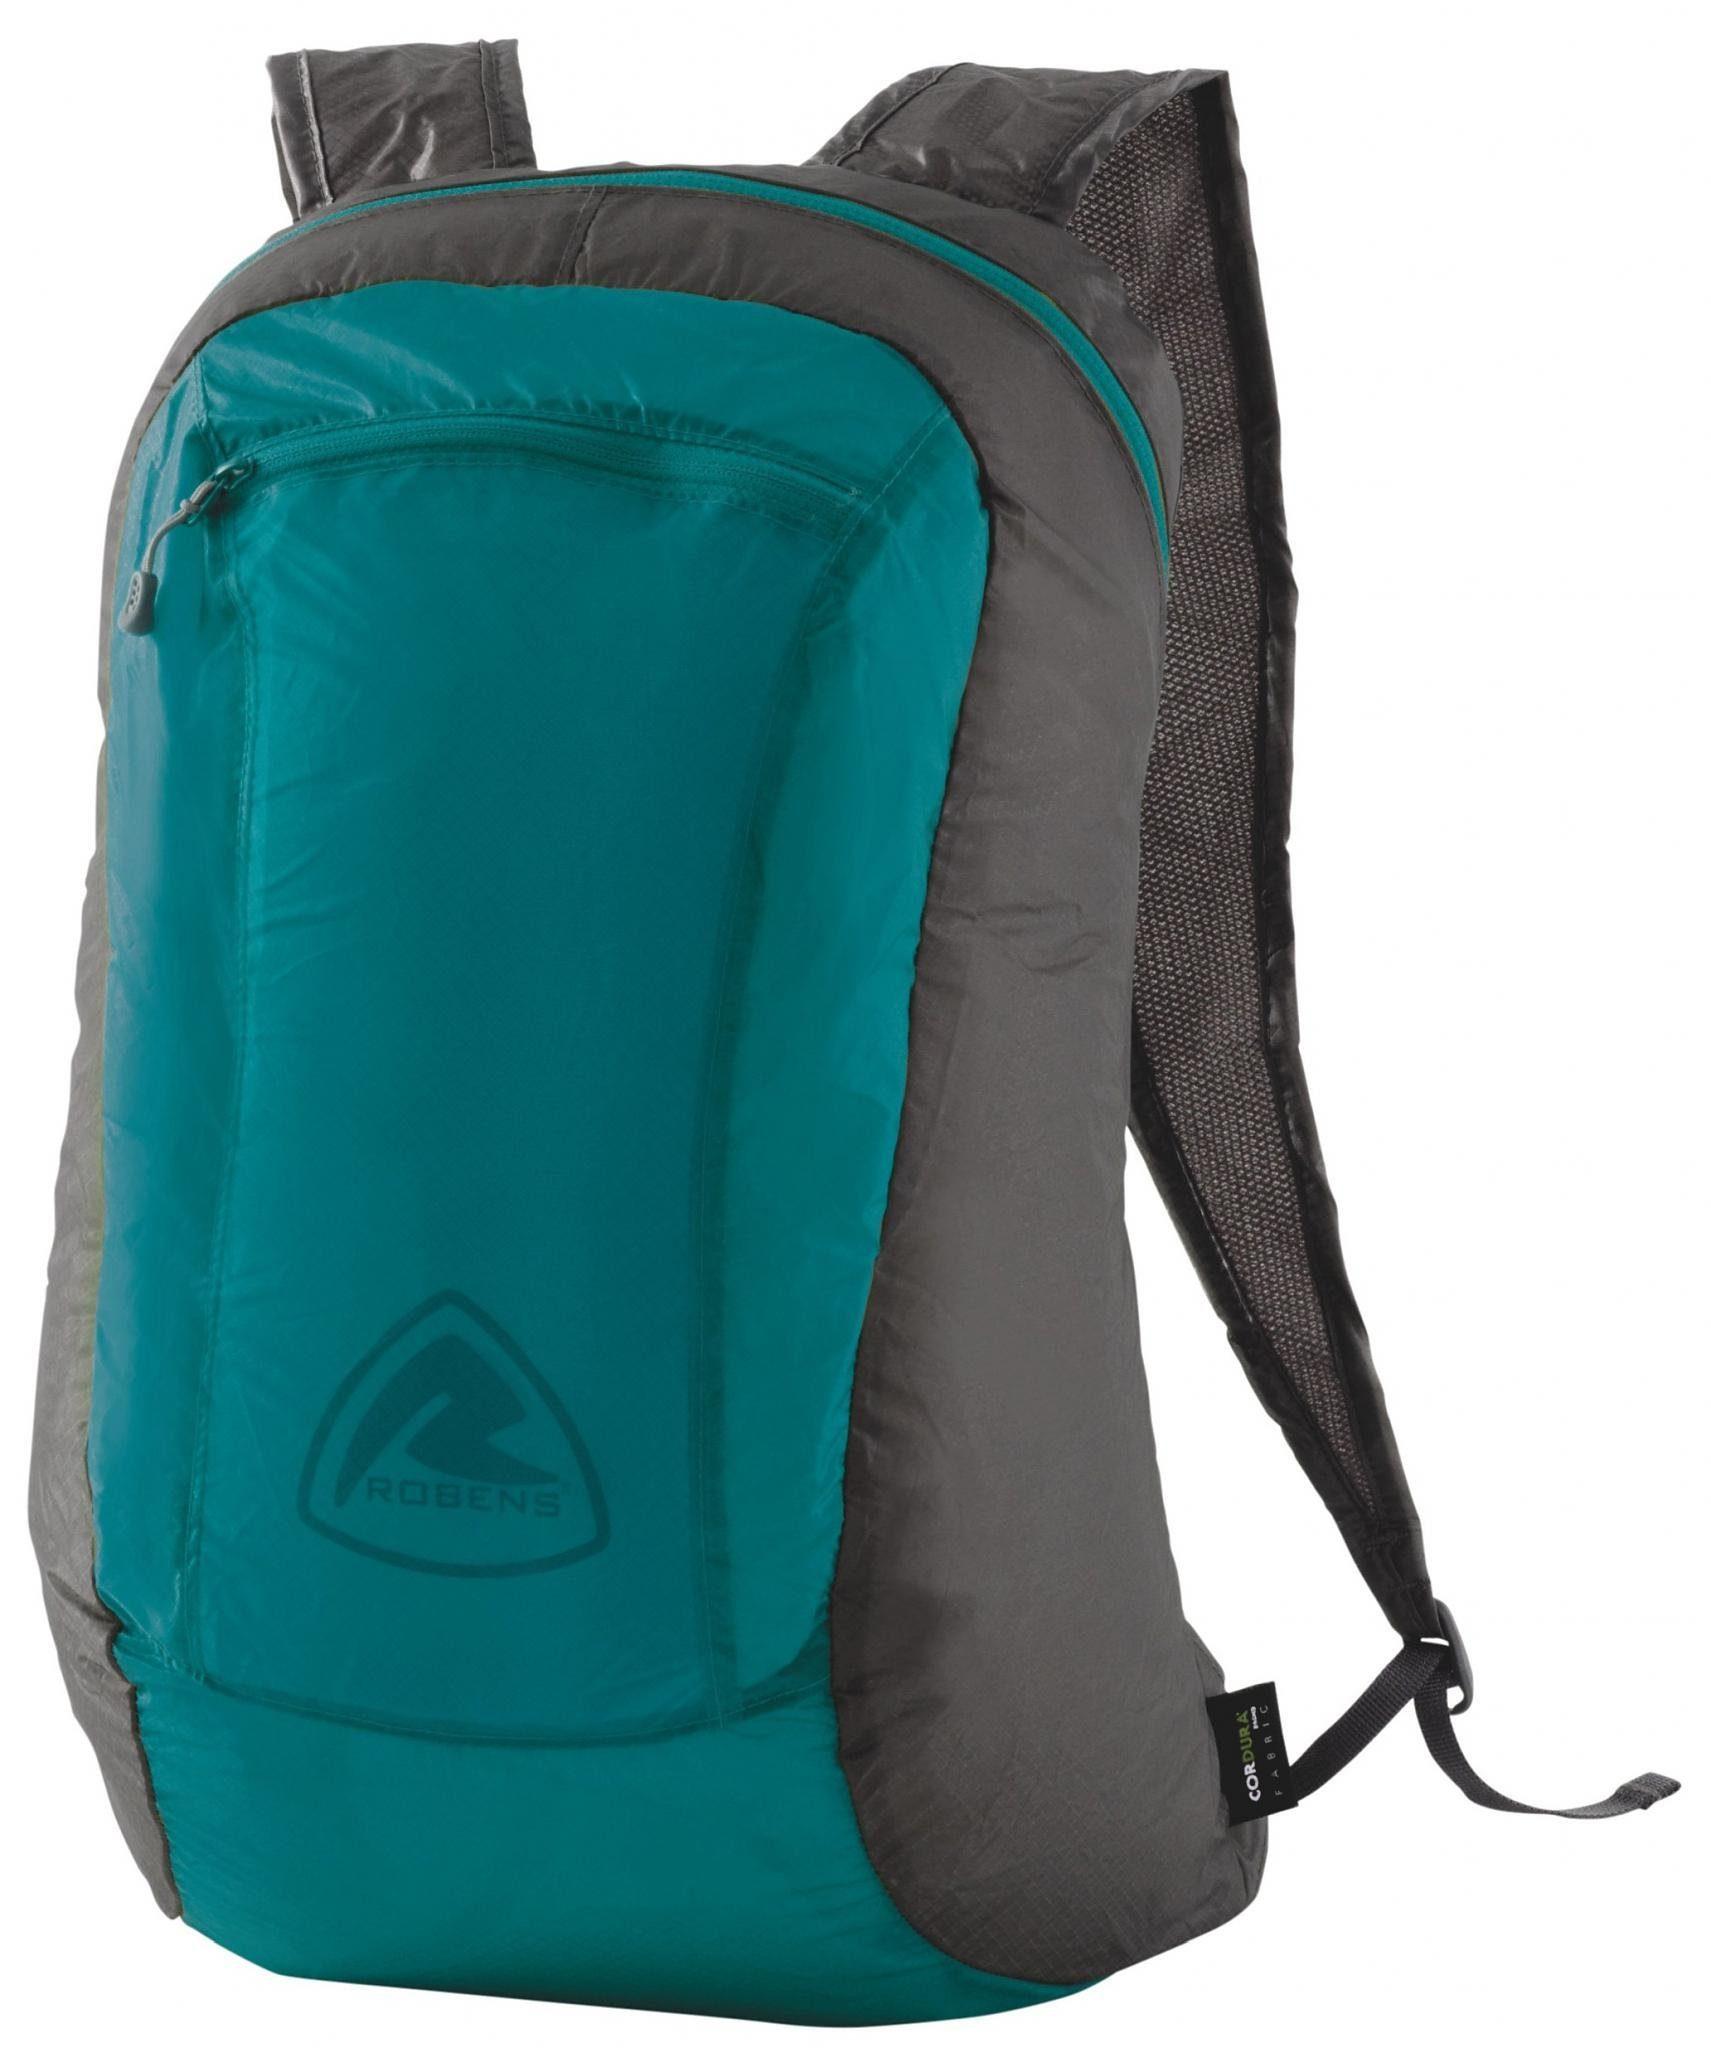 Robens Sport- und Freizeittasche »Helium Day Pack 20L«